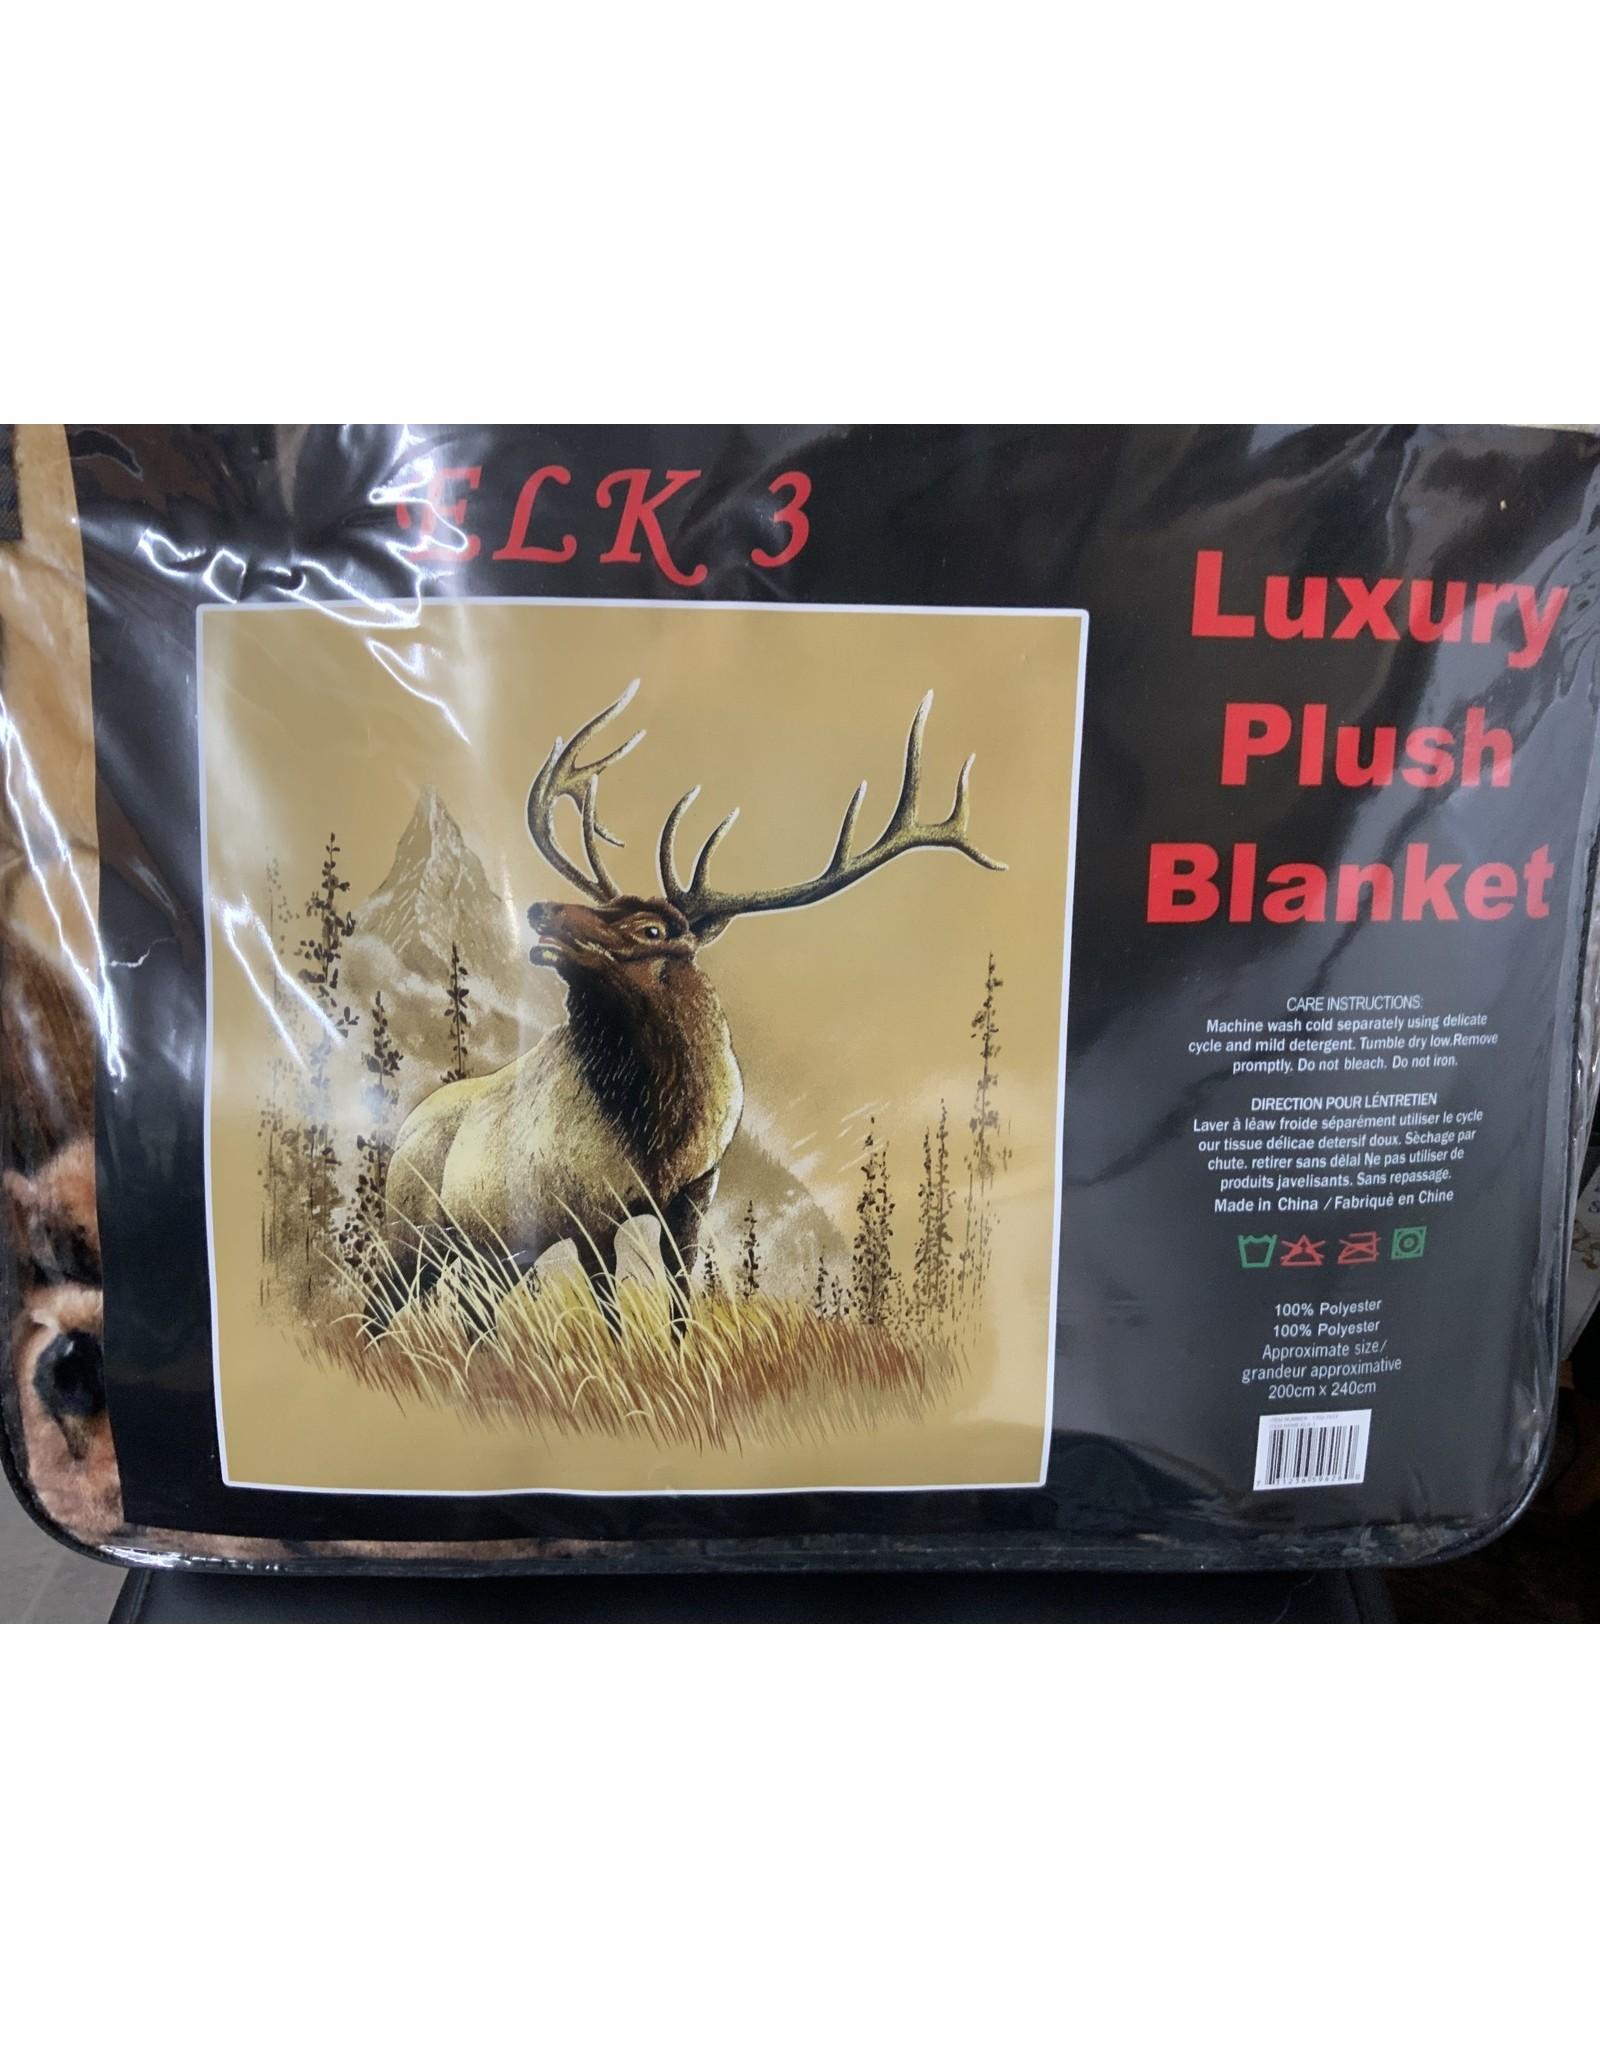 Blanket, queen size, luxury plush - Elk 3